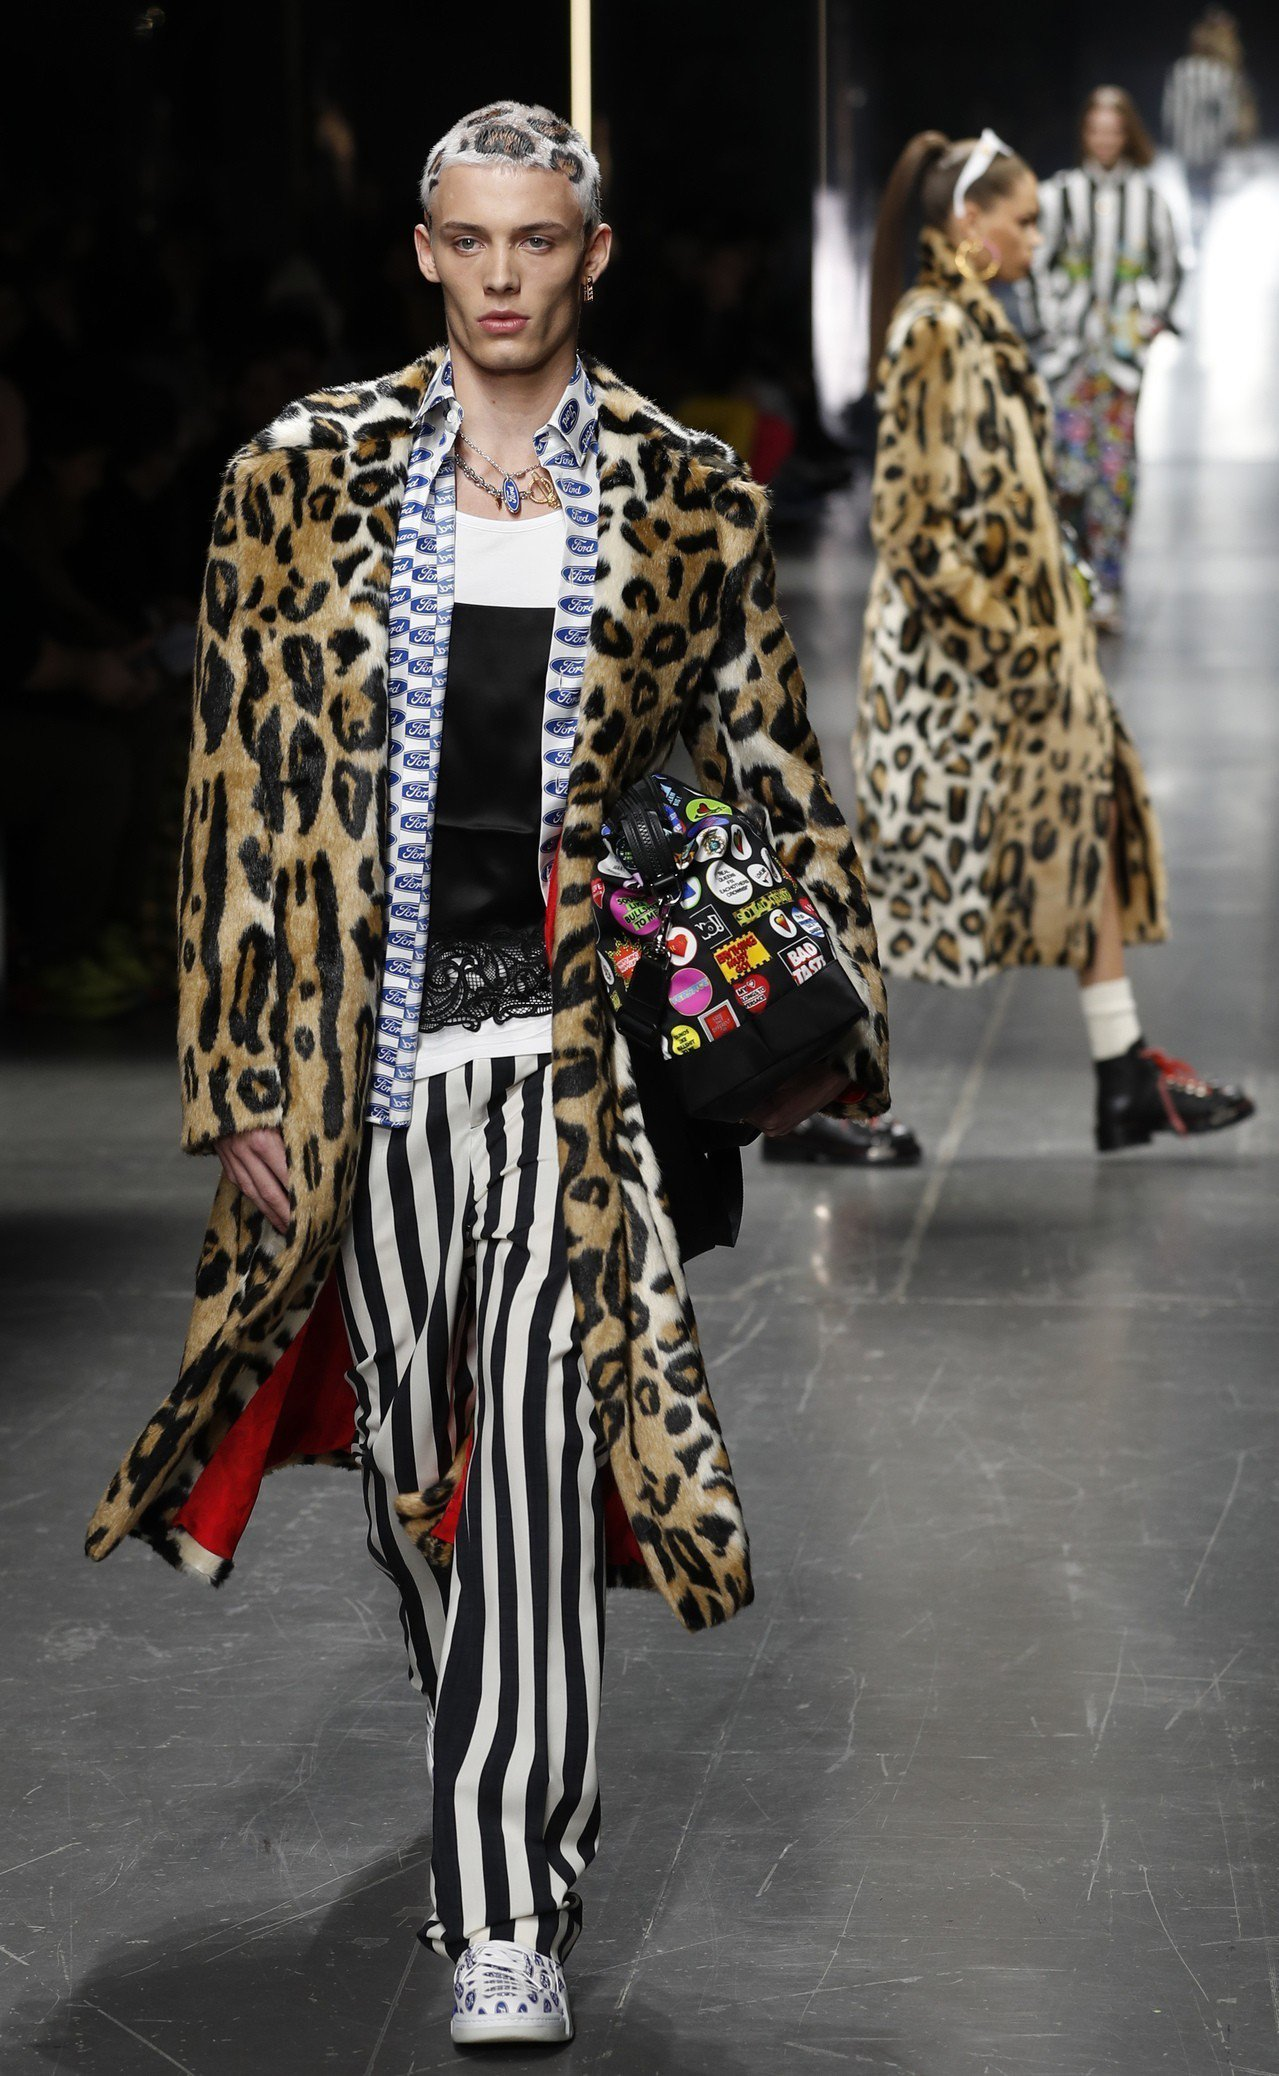 同樣是打破服裝界線的概念,Versace 2019秋冬男裝有著豹紋元素,甚至上衣...